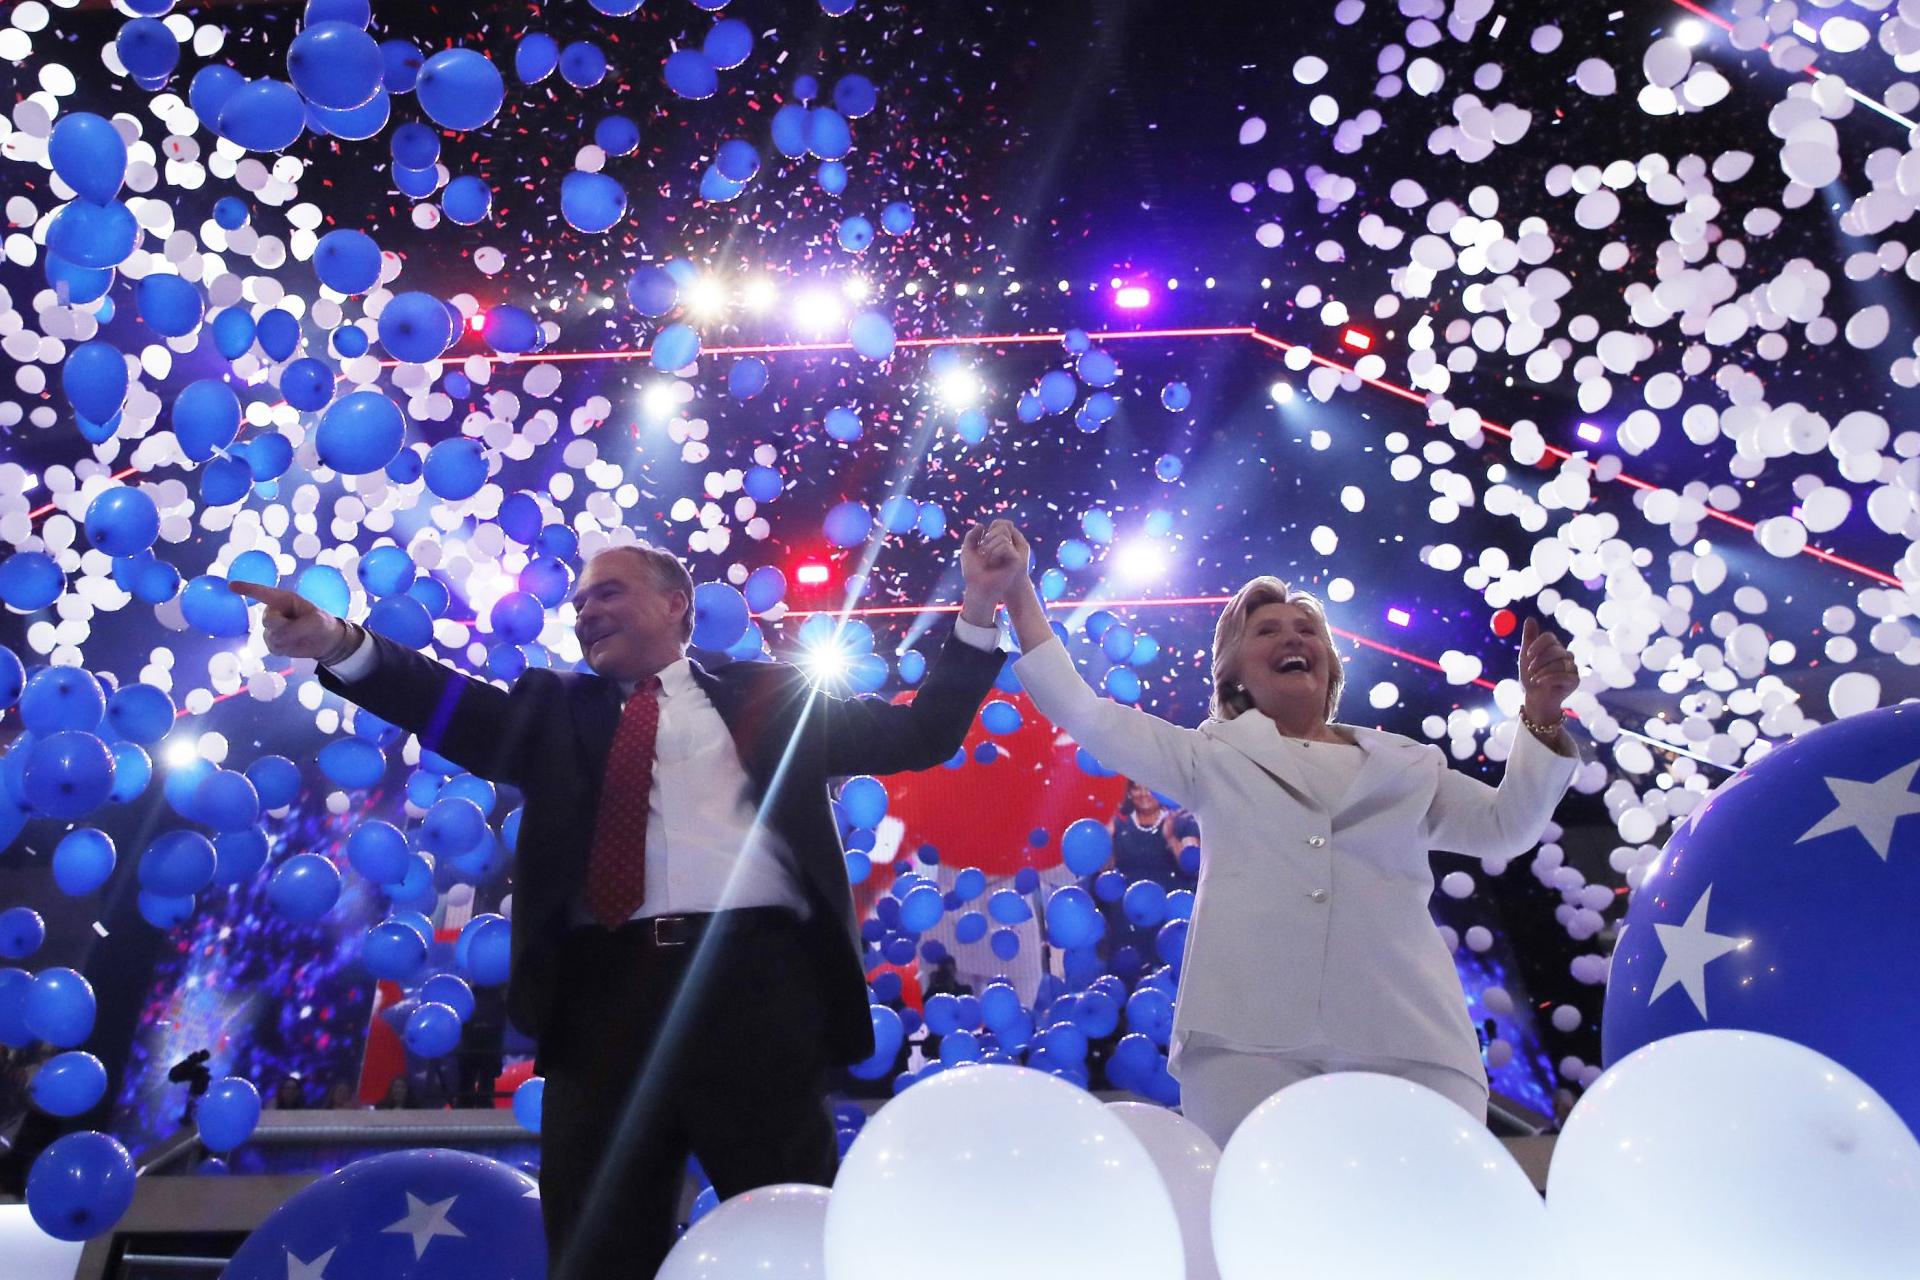 Hillary Kaine 2016